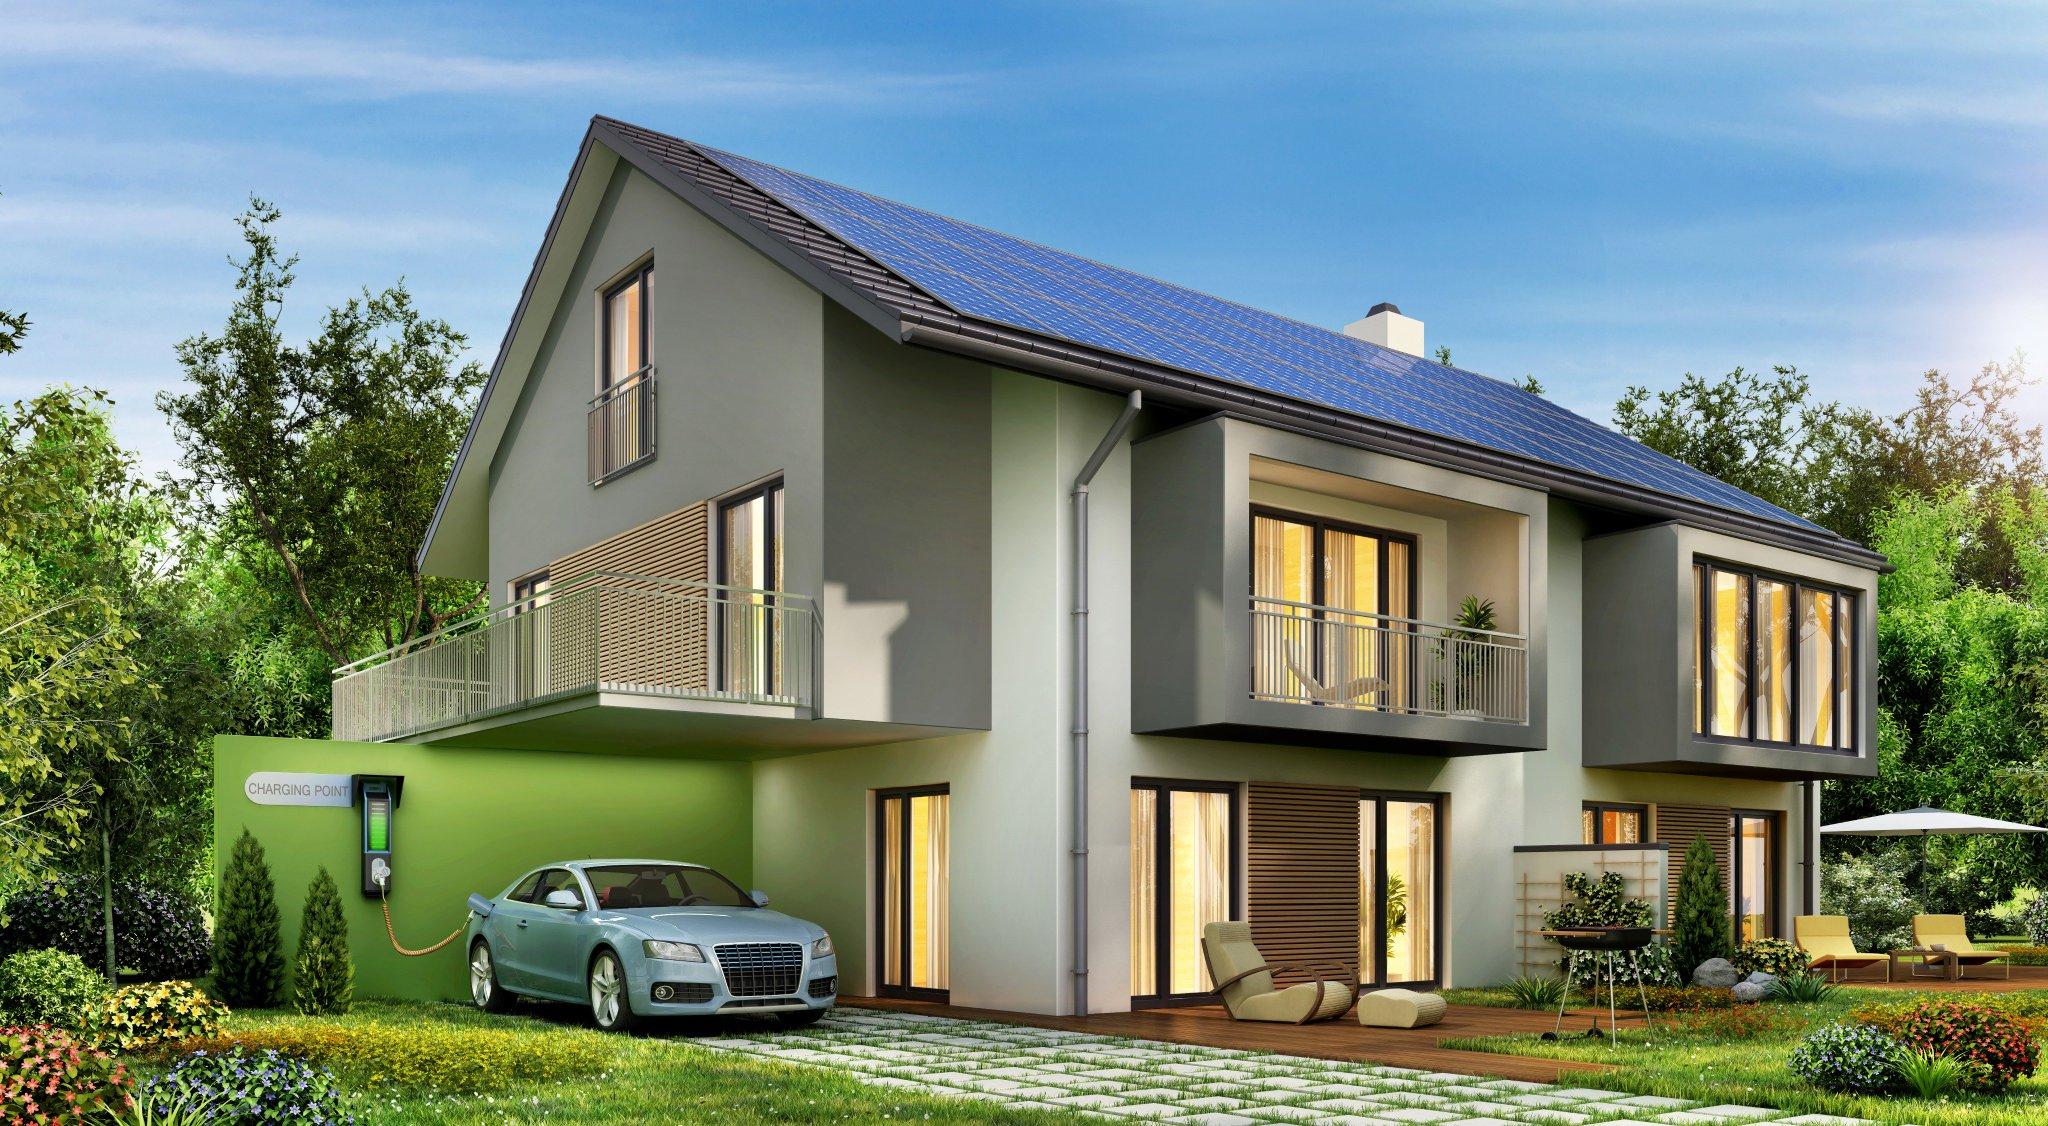 casa con impianto fotovoltaico e auto elettrica